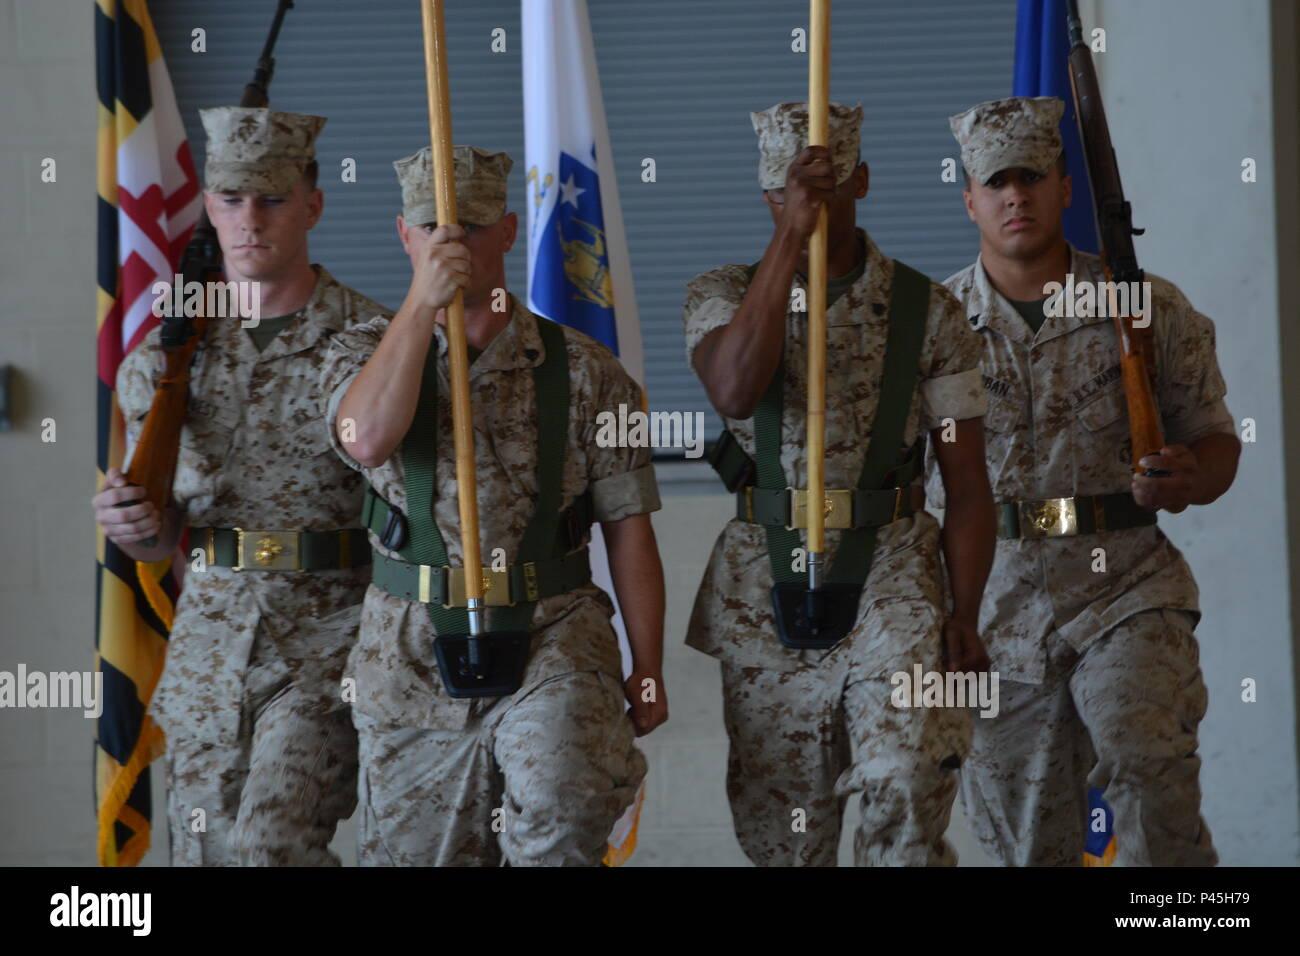 Die Ehrengarde Beiträge die Farben während der Deaktivierung der Marine Flugzeuge Gruppe - 49 Detachment Alpha und Konsolidierung der Marine Light Attack helicopter Squadron 773 (minus) Zeremonien. Stockbild